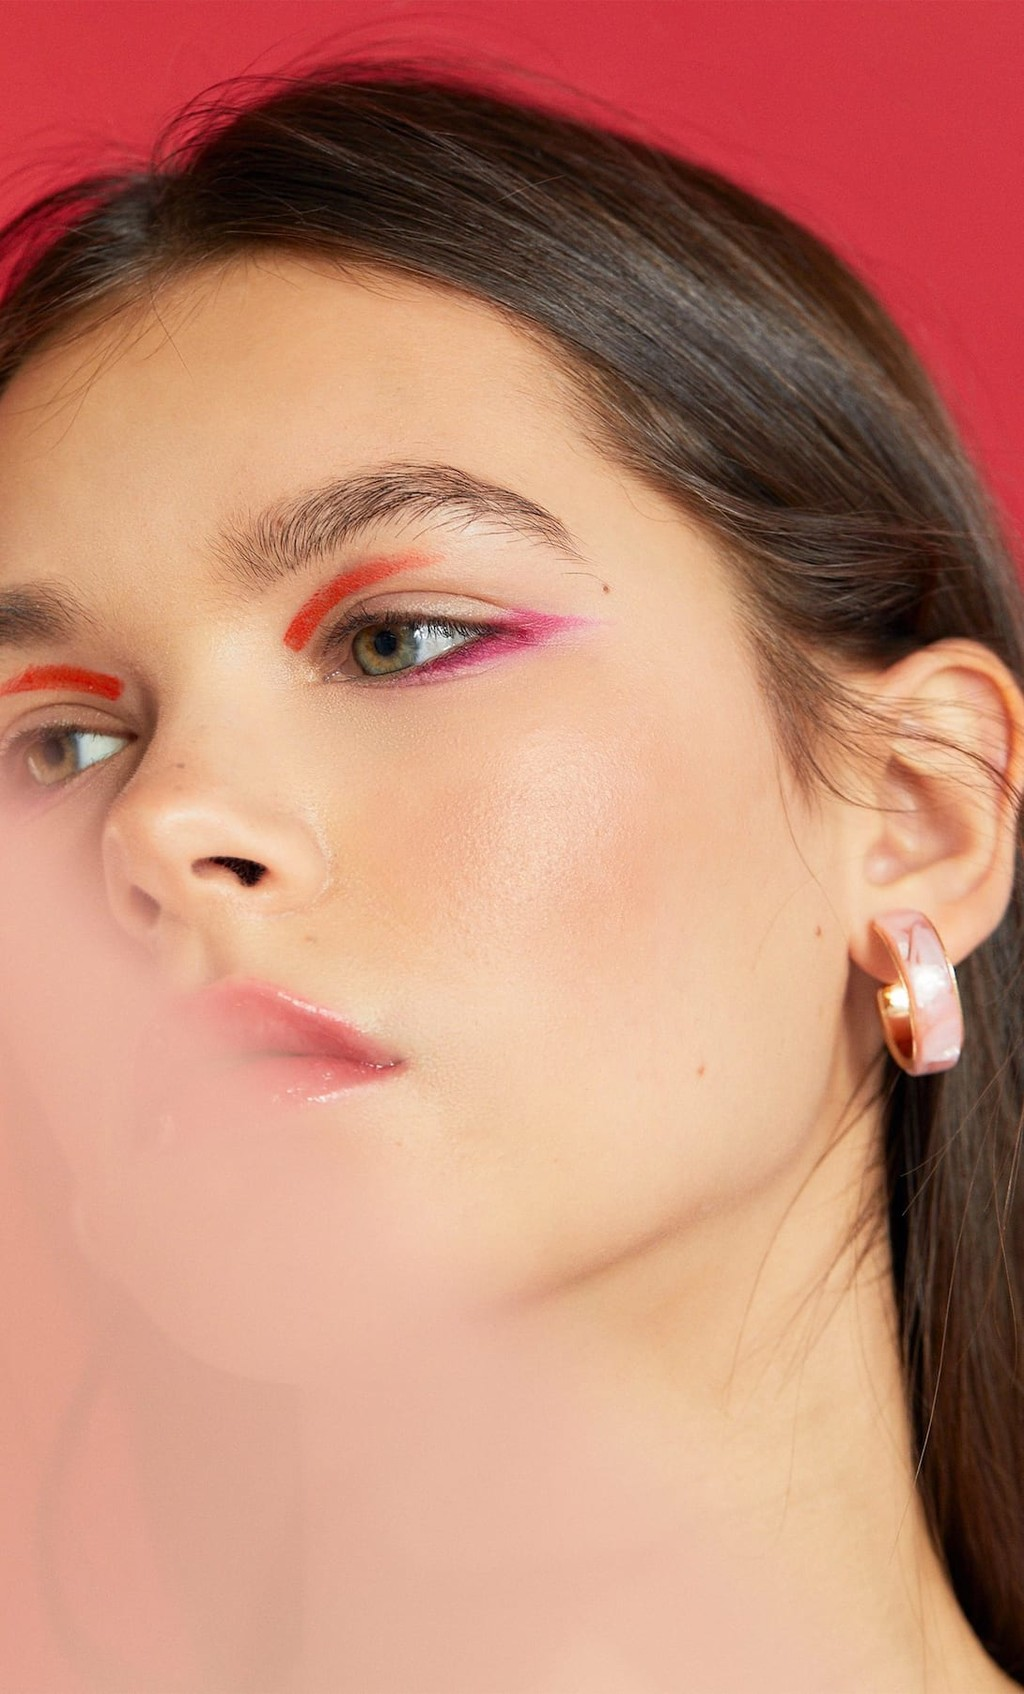 Las nuevas propuestas de maquillaje de Stradivarius, Zara y Bershka podrían inspirarte esta nueva temporada